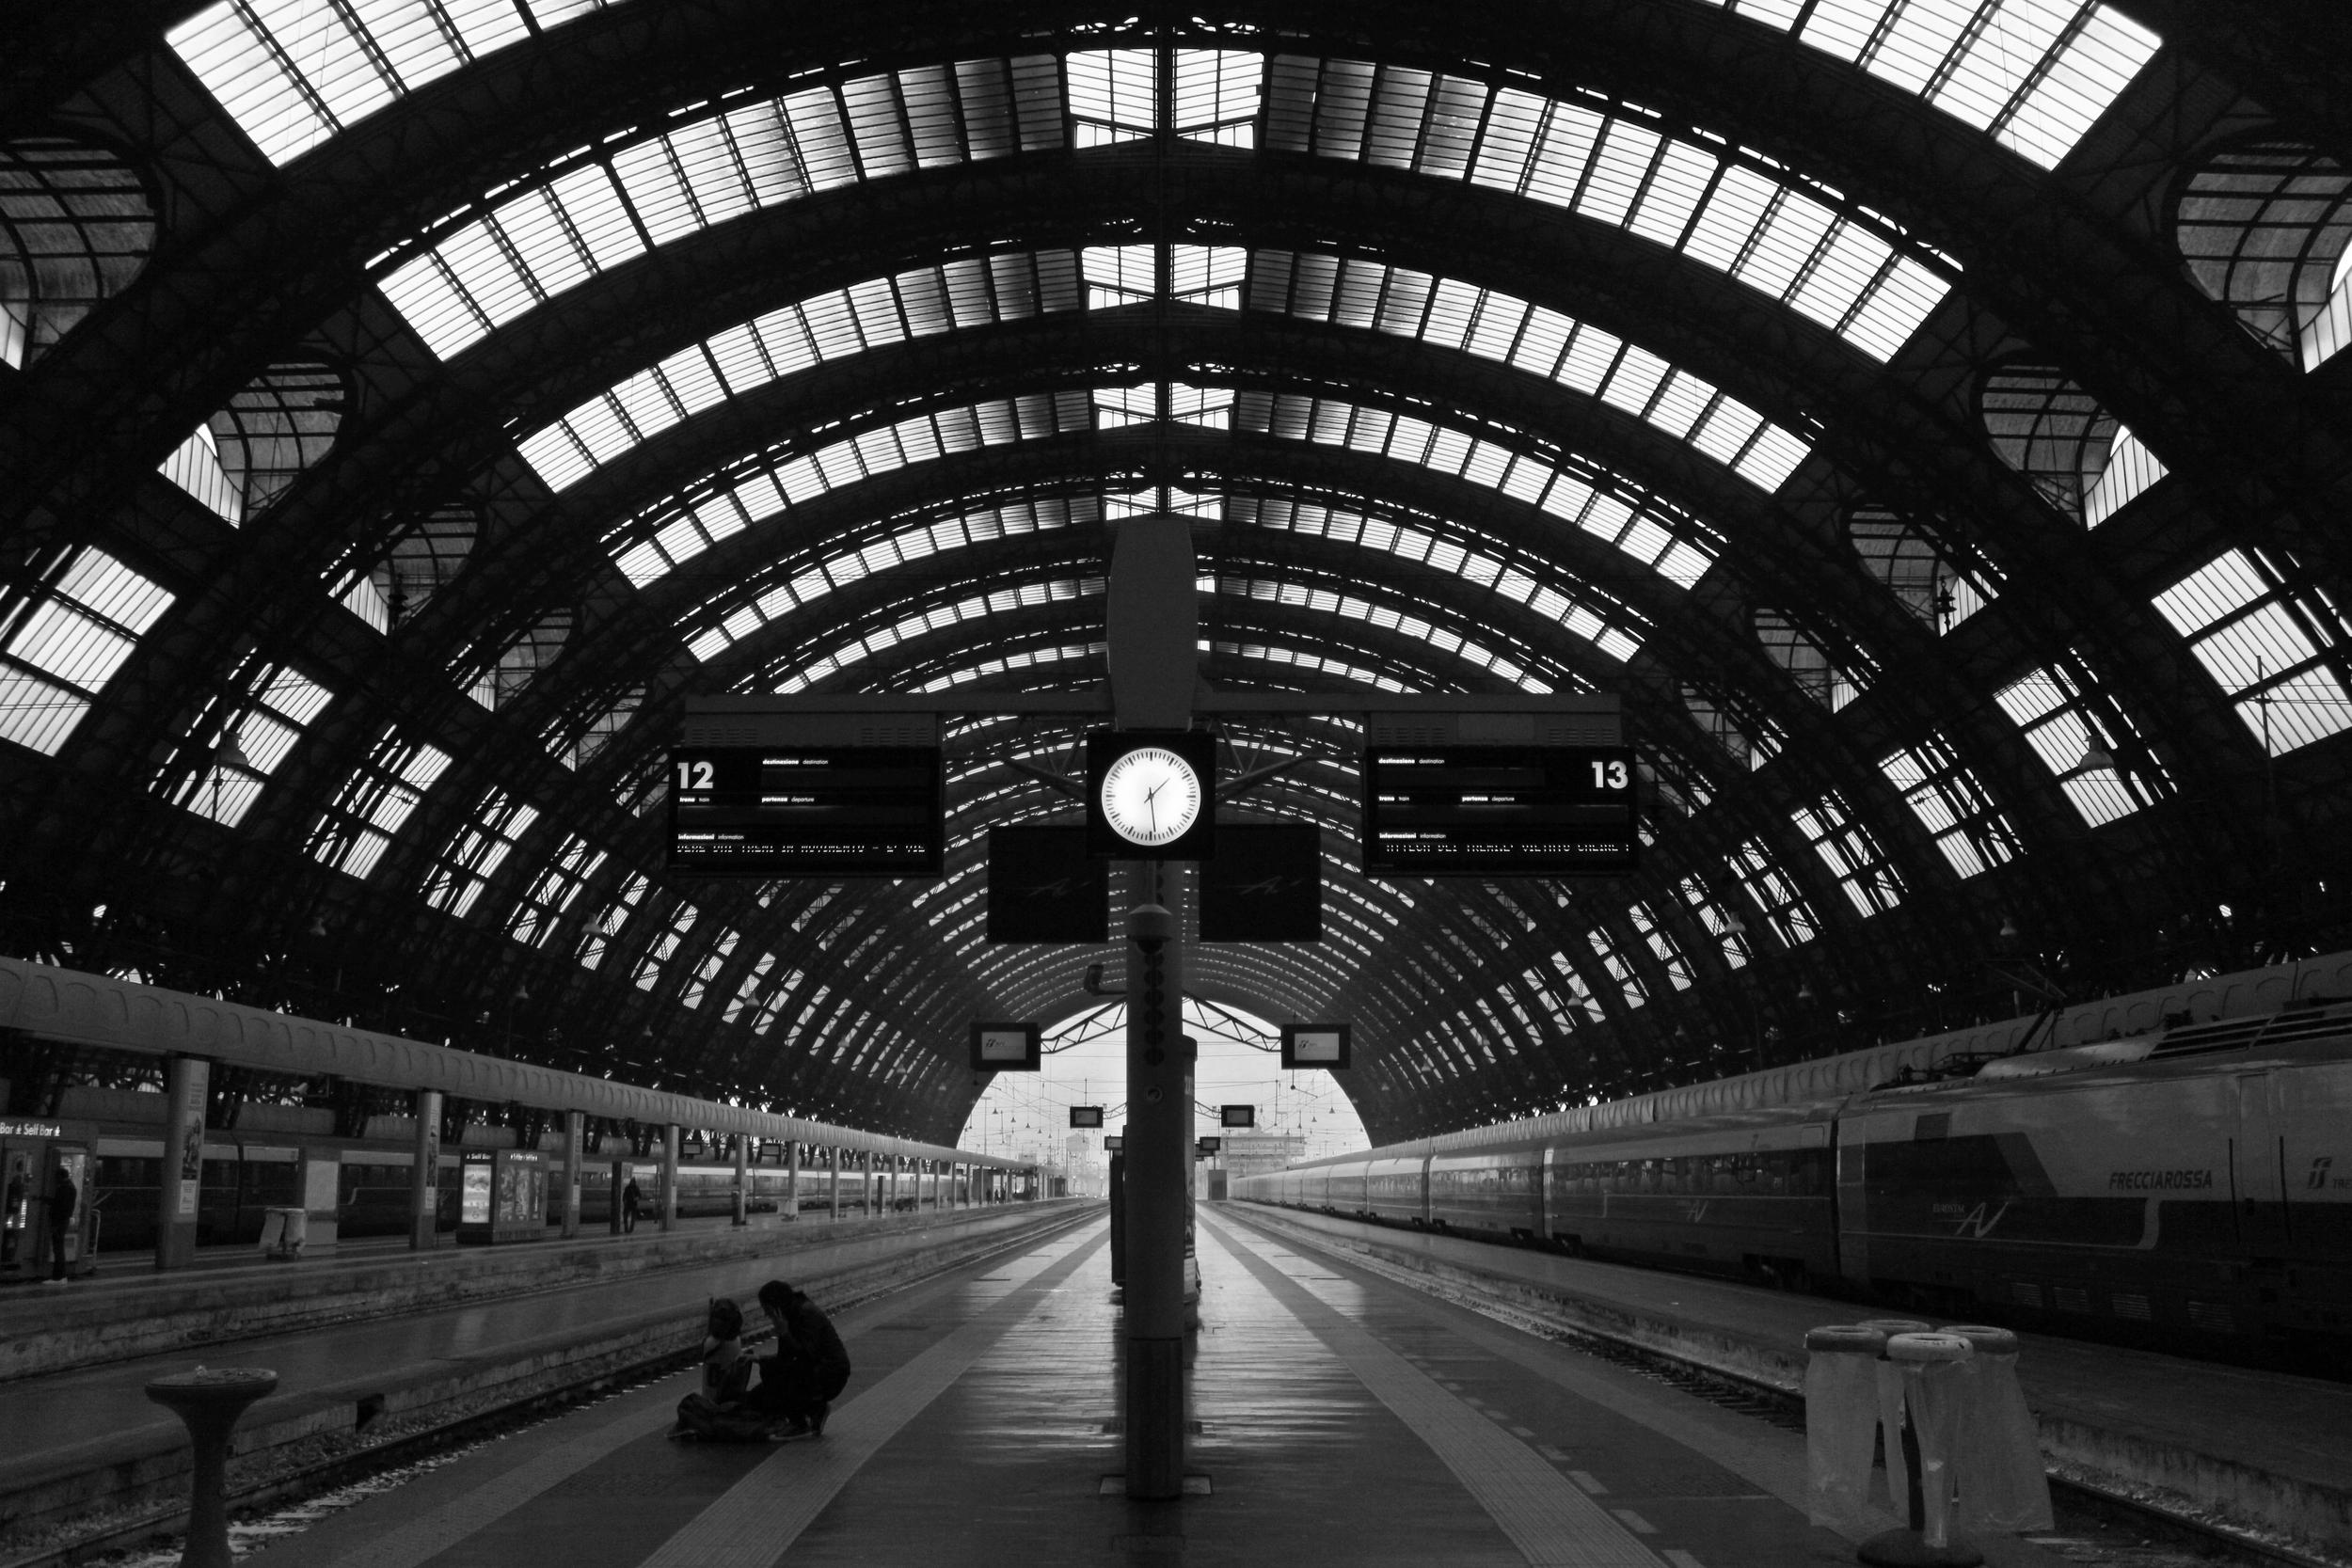 Stazione_centrale.jpg